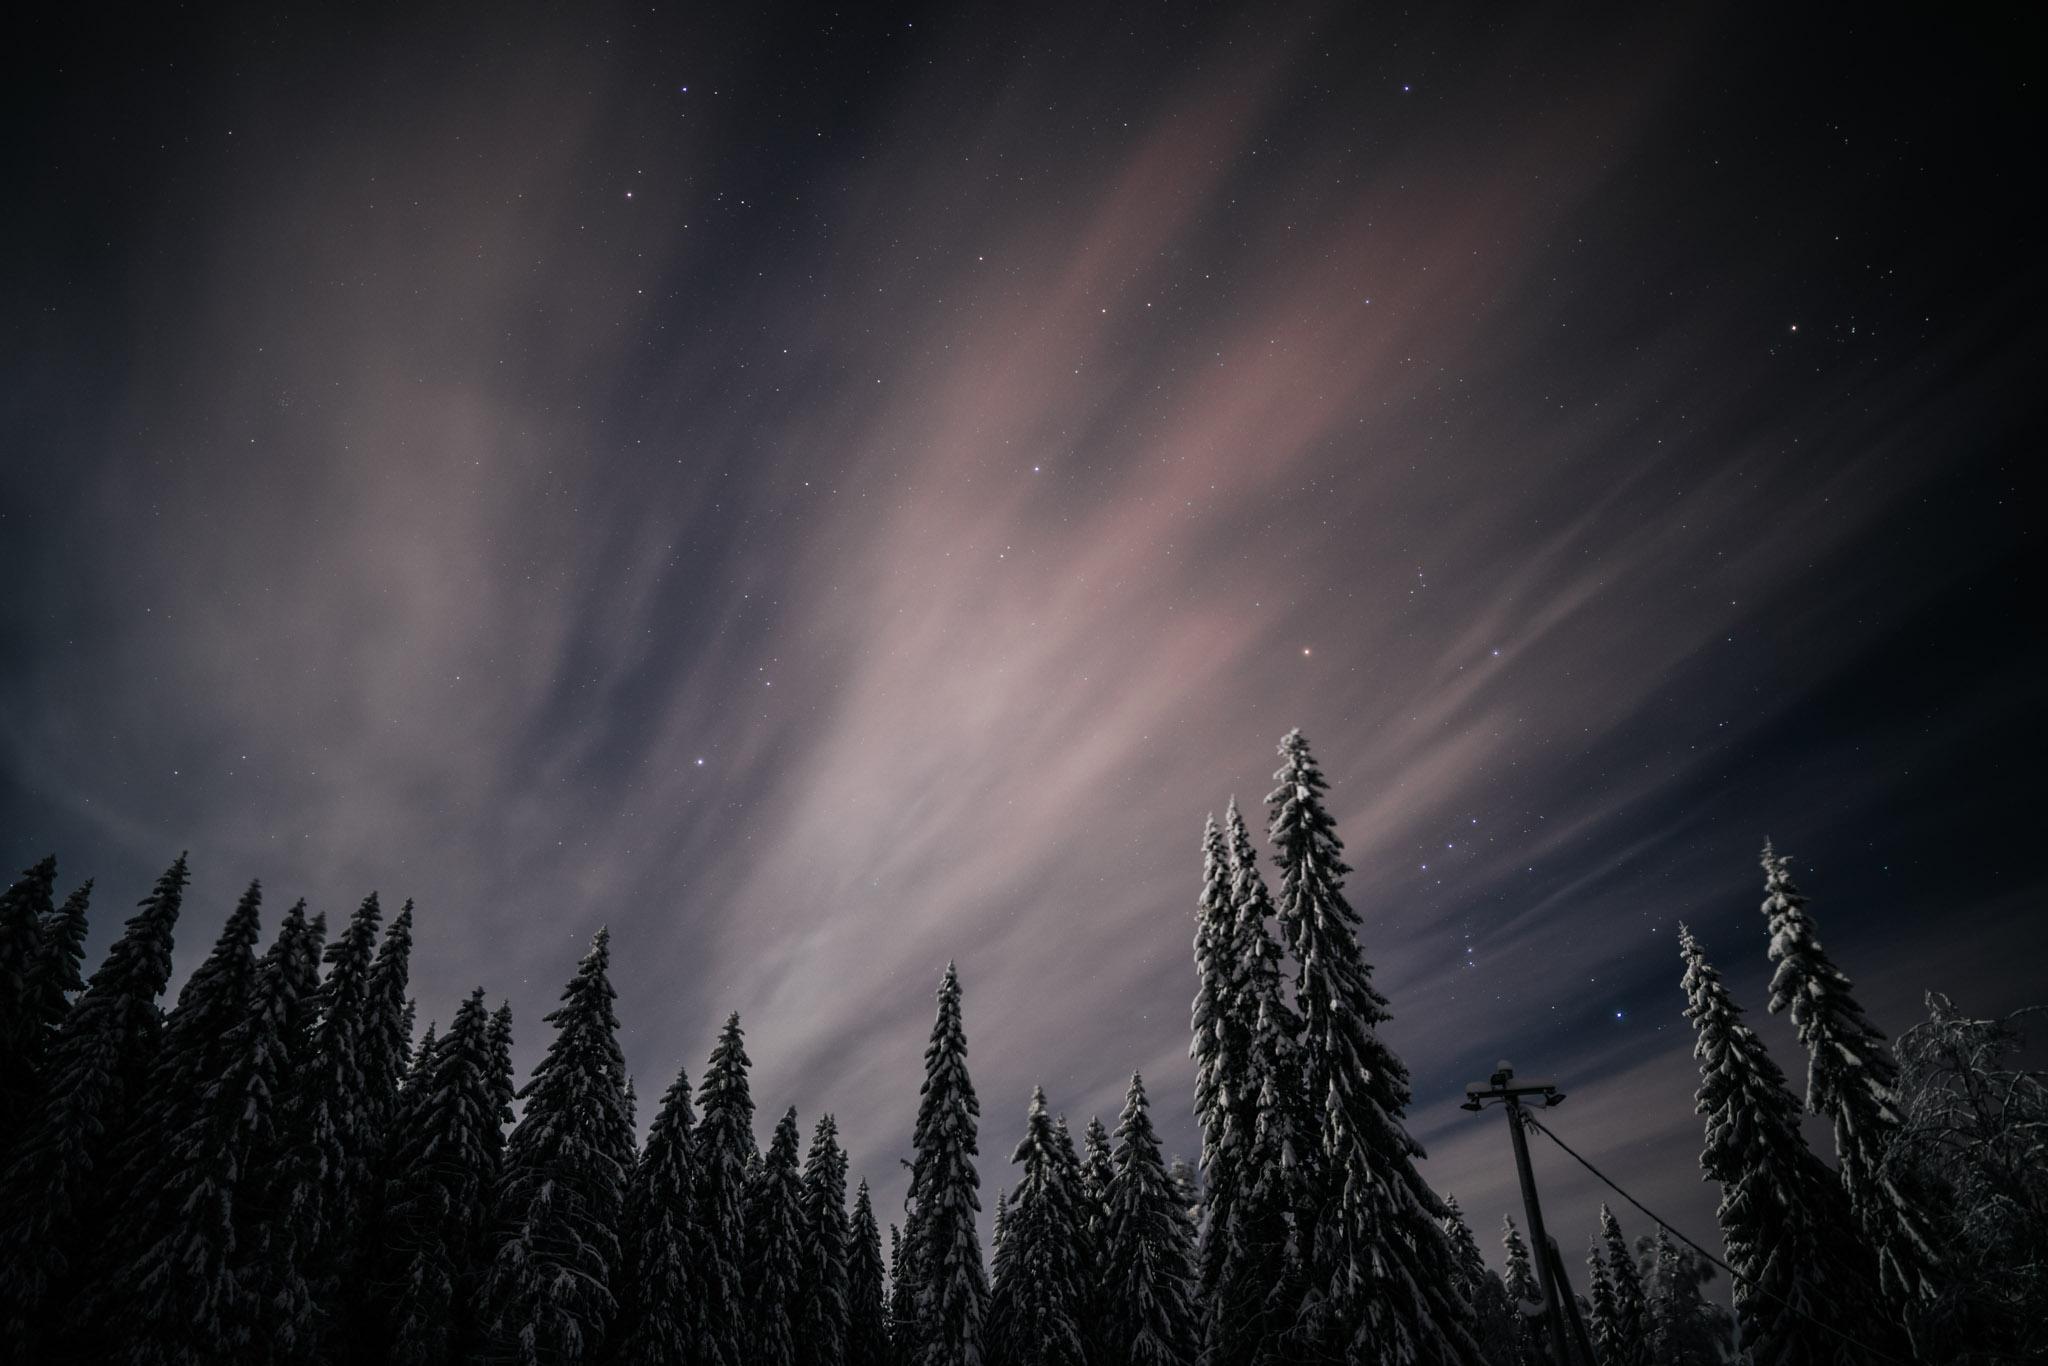 tähtikuvausta Jyväskylässä Sonyn A7R3 kameralla ja 24mm GM-sarjan objektiivilla